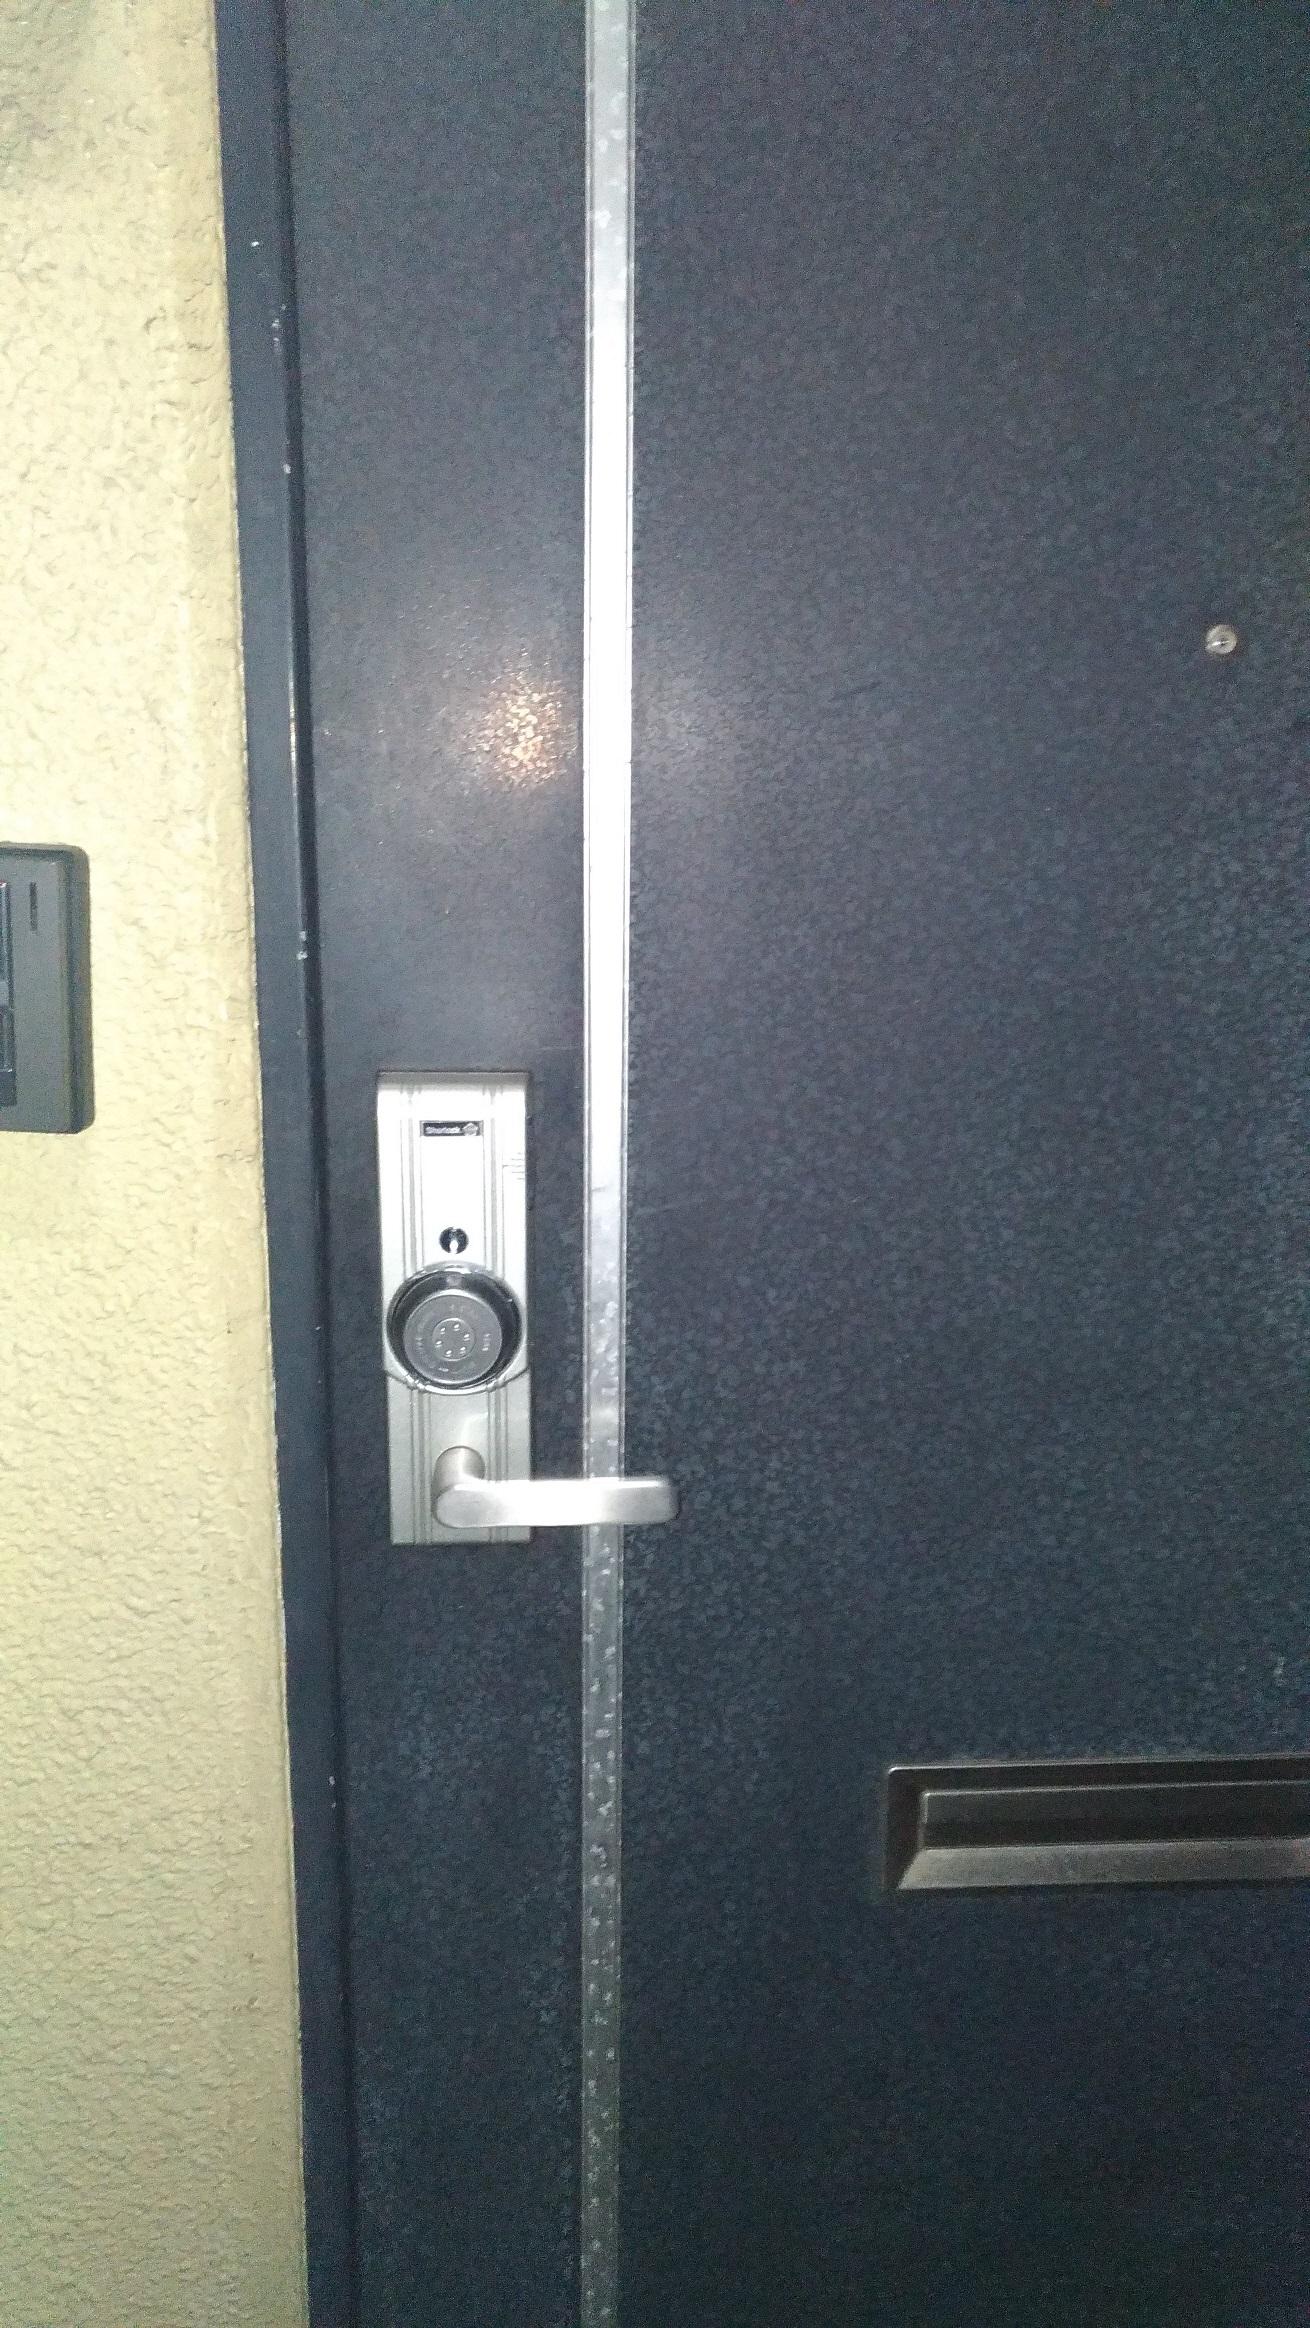 横からカードを挿して中央のホイールを回すと施解錠できるタイプです。